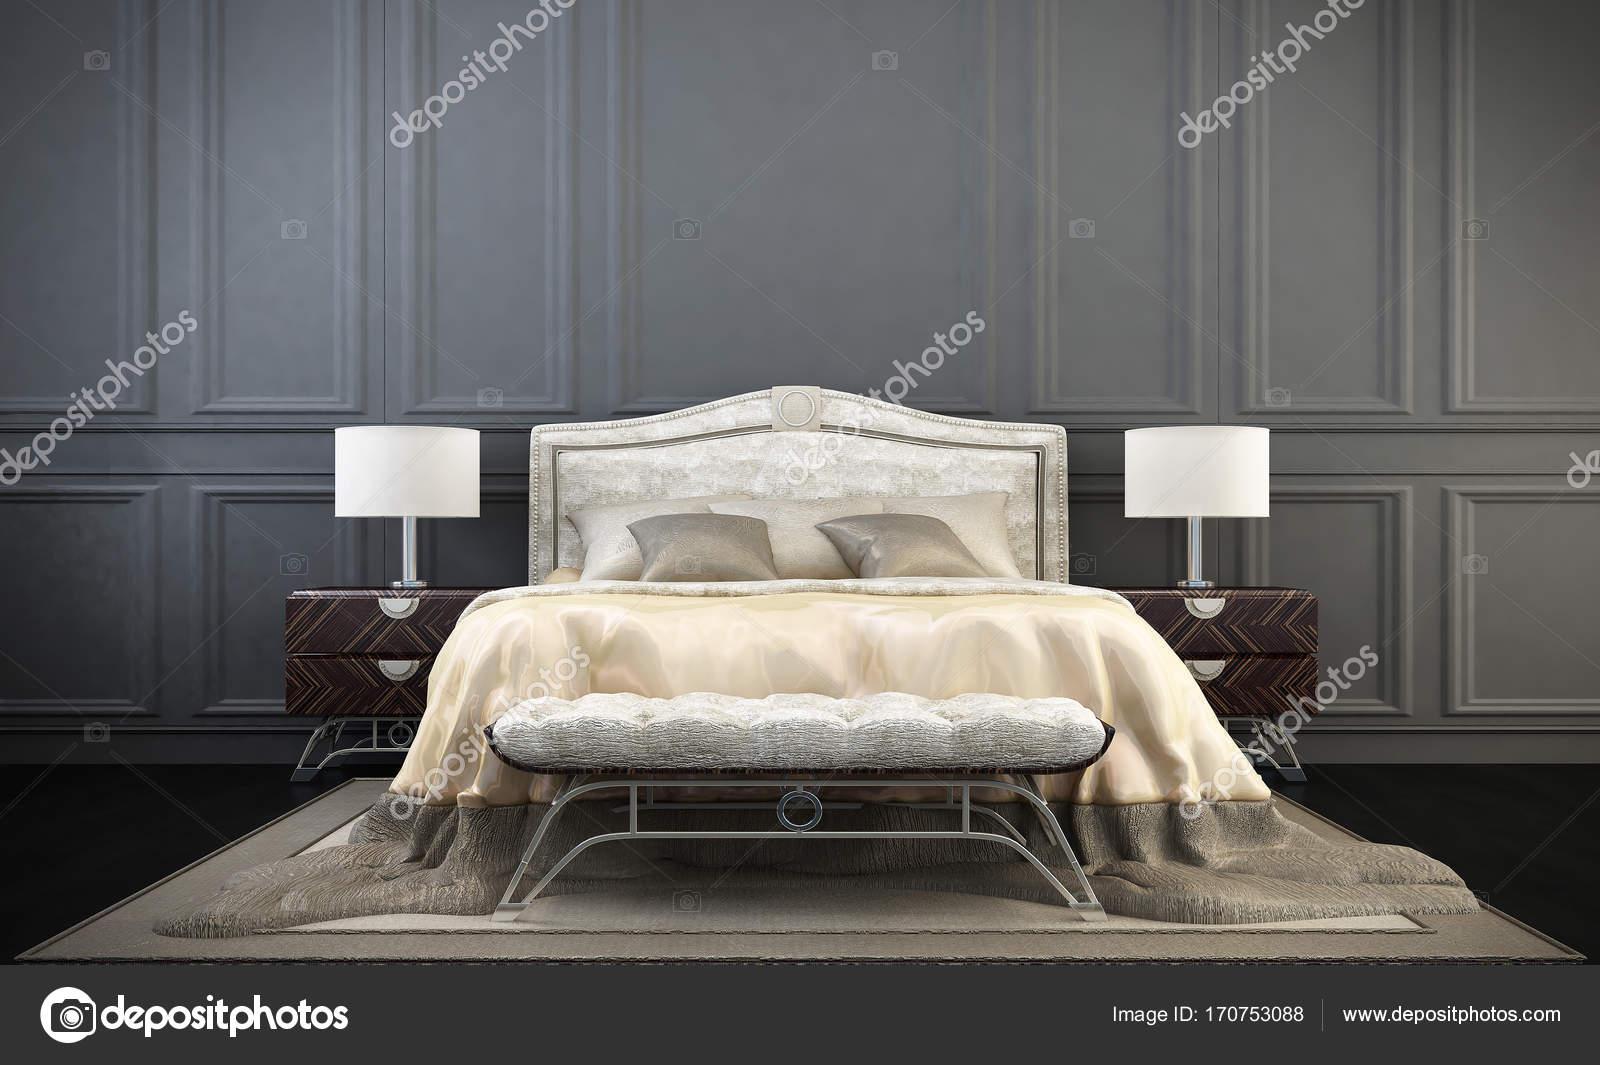 De moderne luxe slaapkamer interieurontwerp en grijs muur patroon